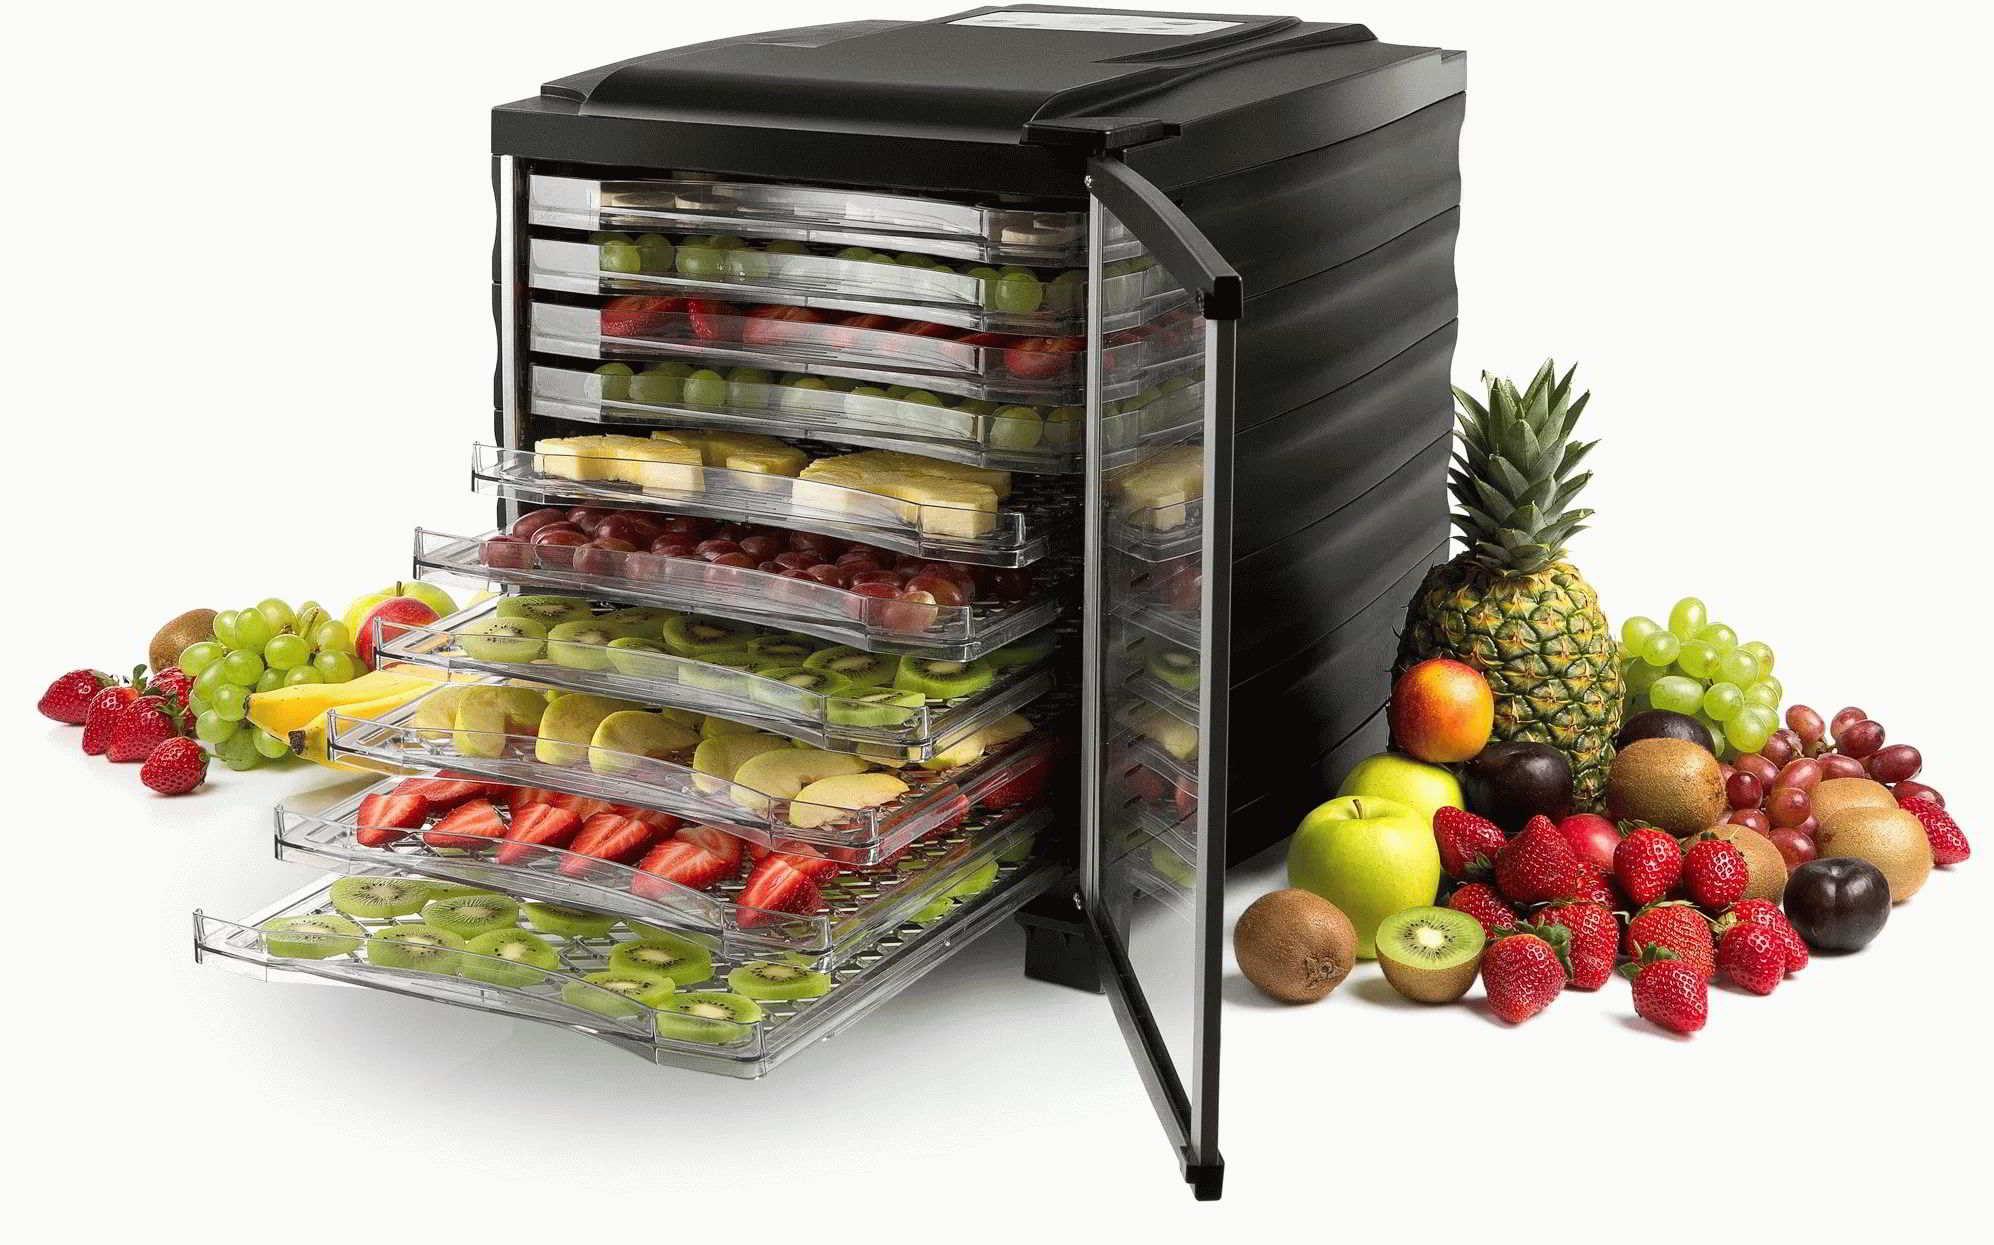 Топ-рейтинг лучших электросушилок 2020 для овощей, фруктов и грибов